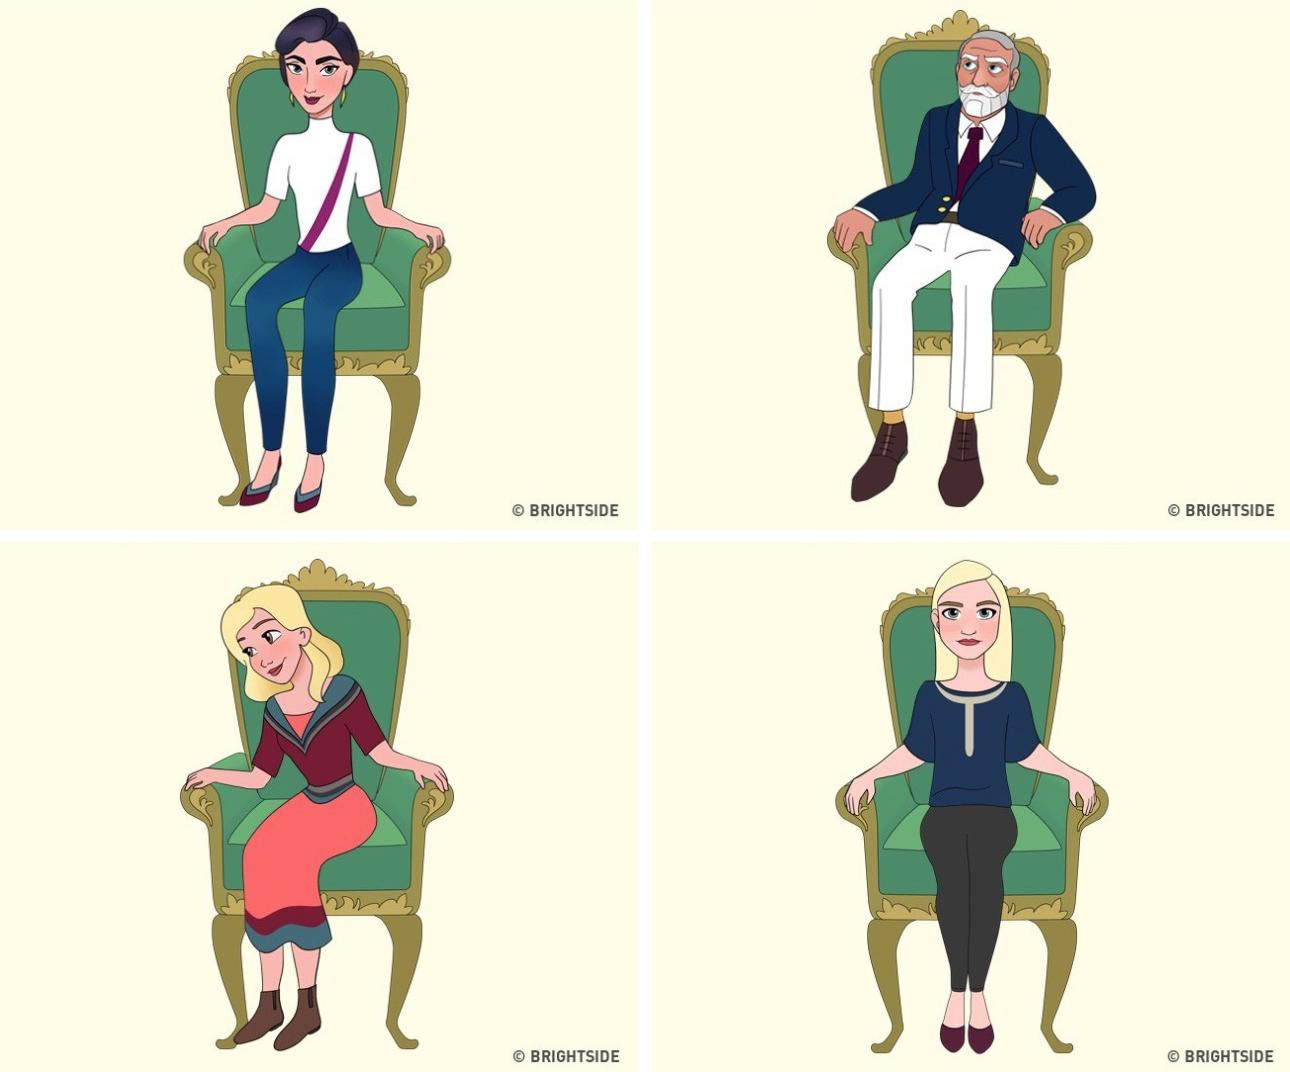 Cách bạn ngồi lên chiếc ghế này sẽ cho biết con người thực sự của bạn như thế nào - Ảnh 1.